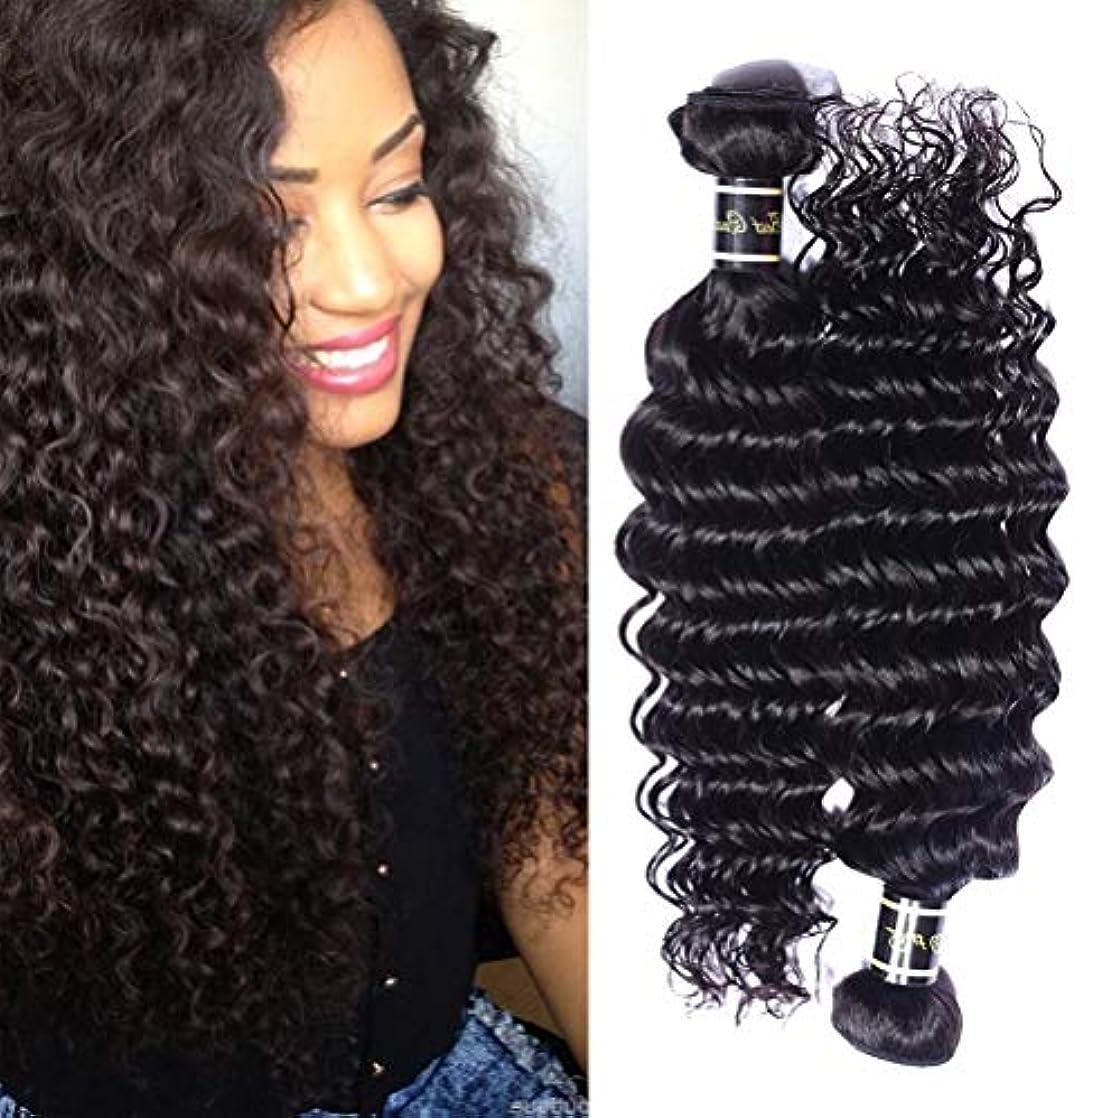 膿瘍もろい土曜日女性の髪織りブラジルのロングボディウェーブヘアバンドル波状ヘアエクステンション縫う100%人毛織り100g /バンドル